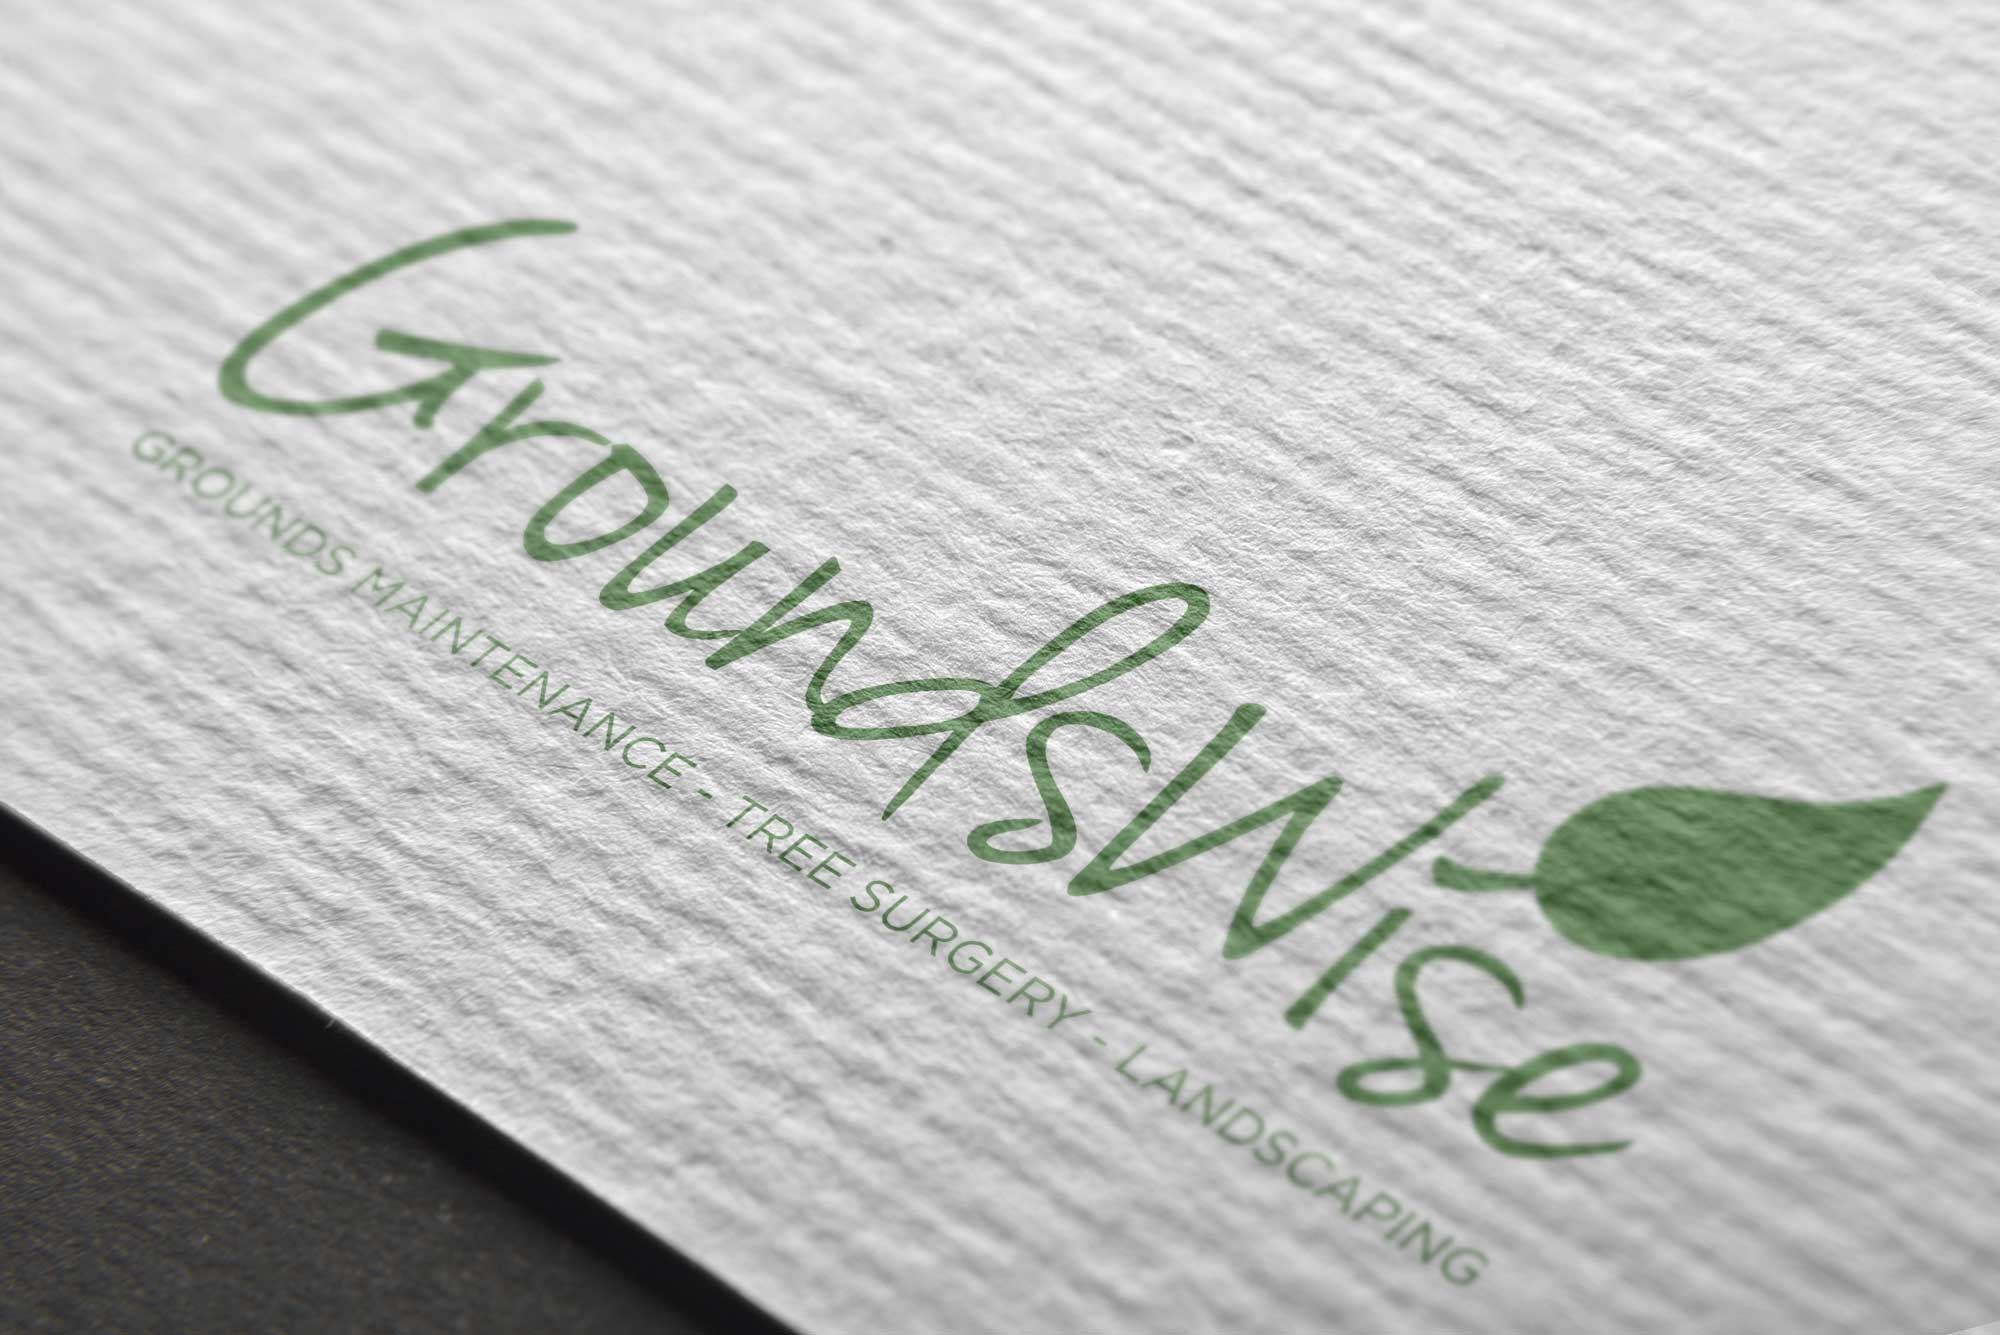 groundswise landscaping company logo